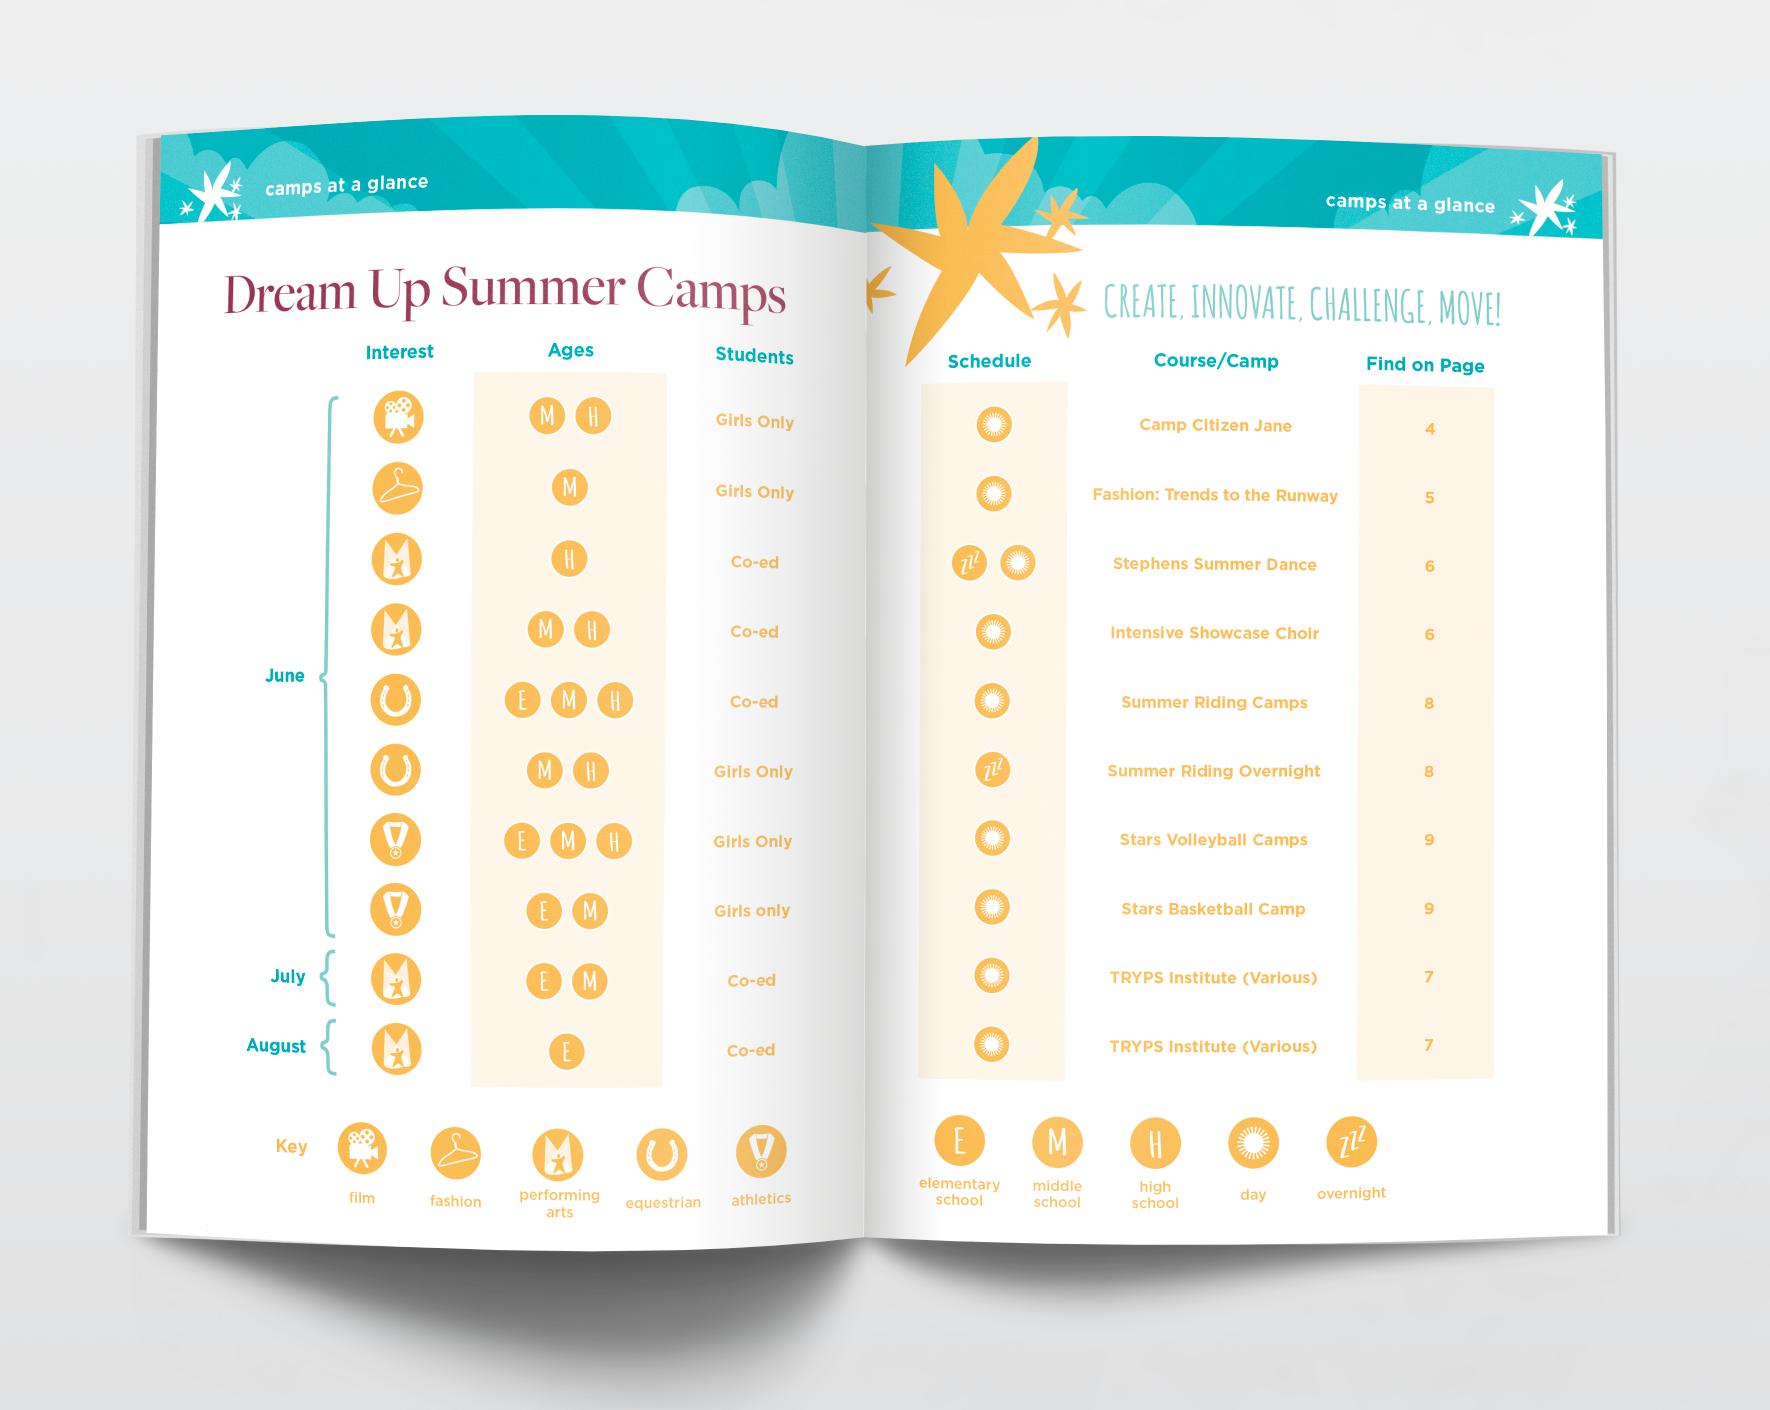 DreamUpSummer_campgrid.png